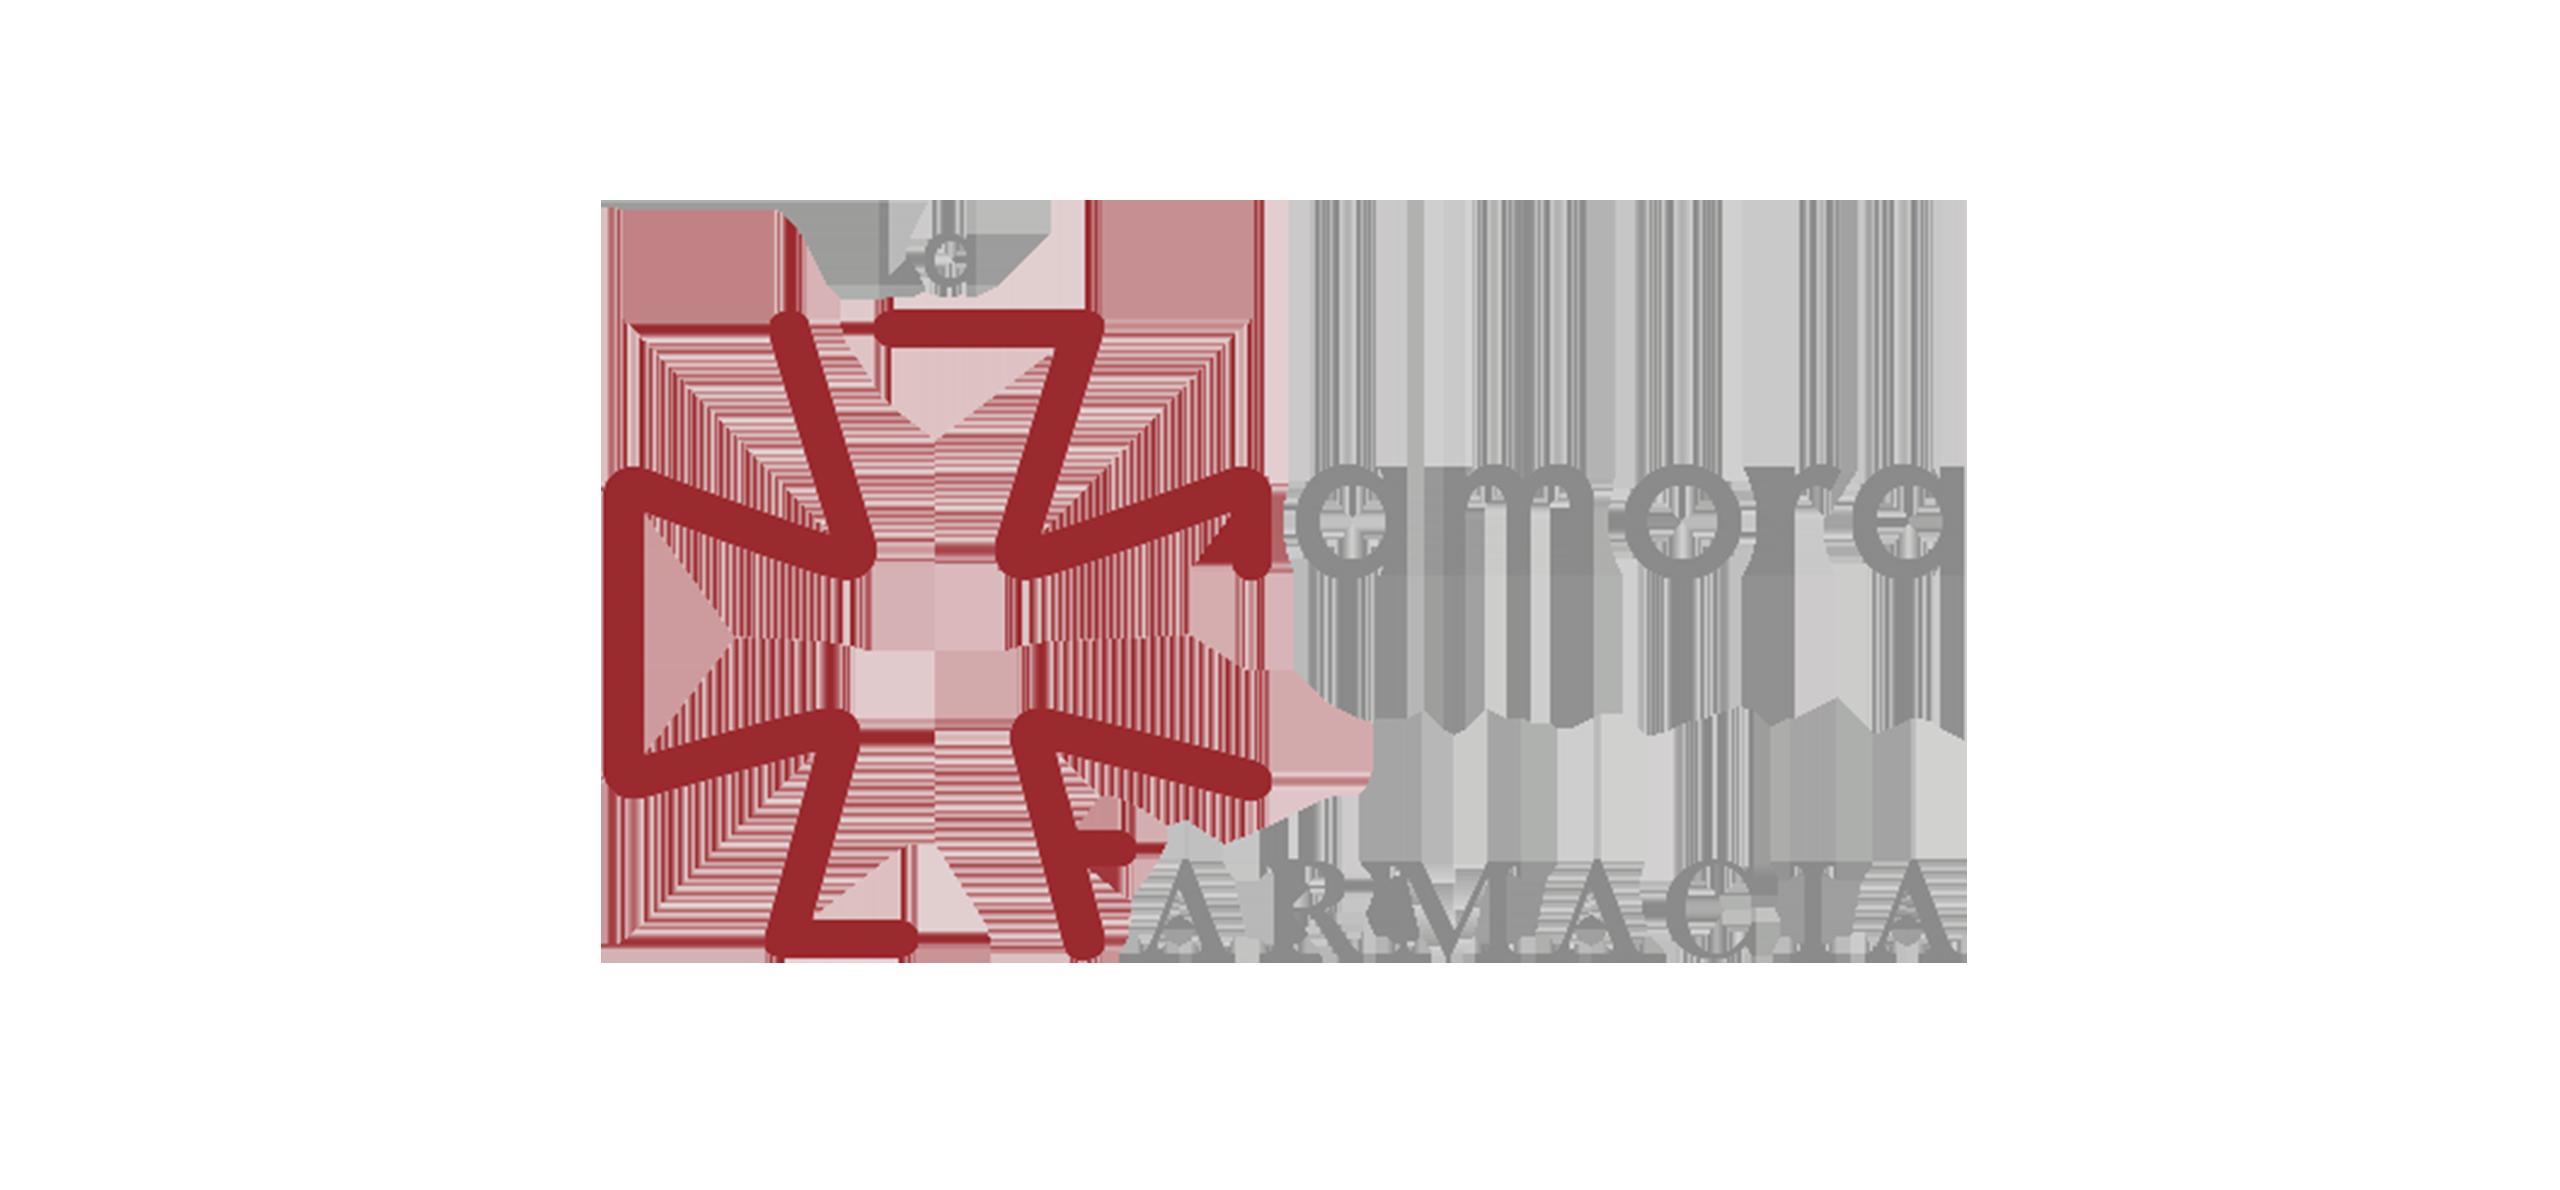 portfolio farmacia zamora - Portfolio